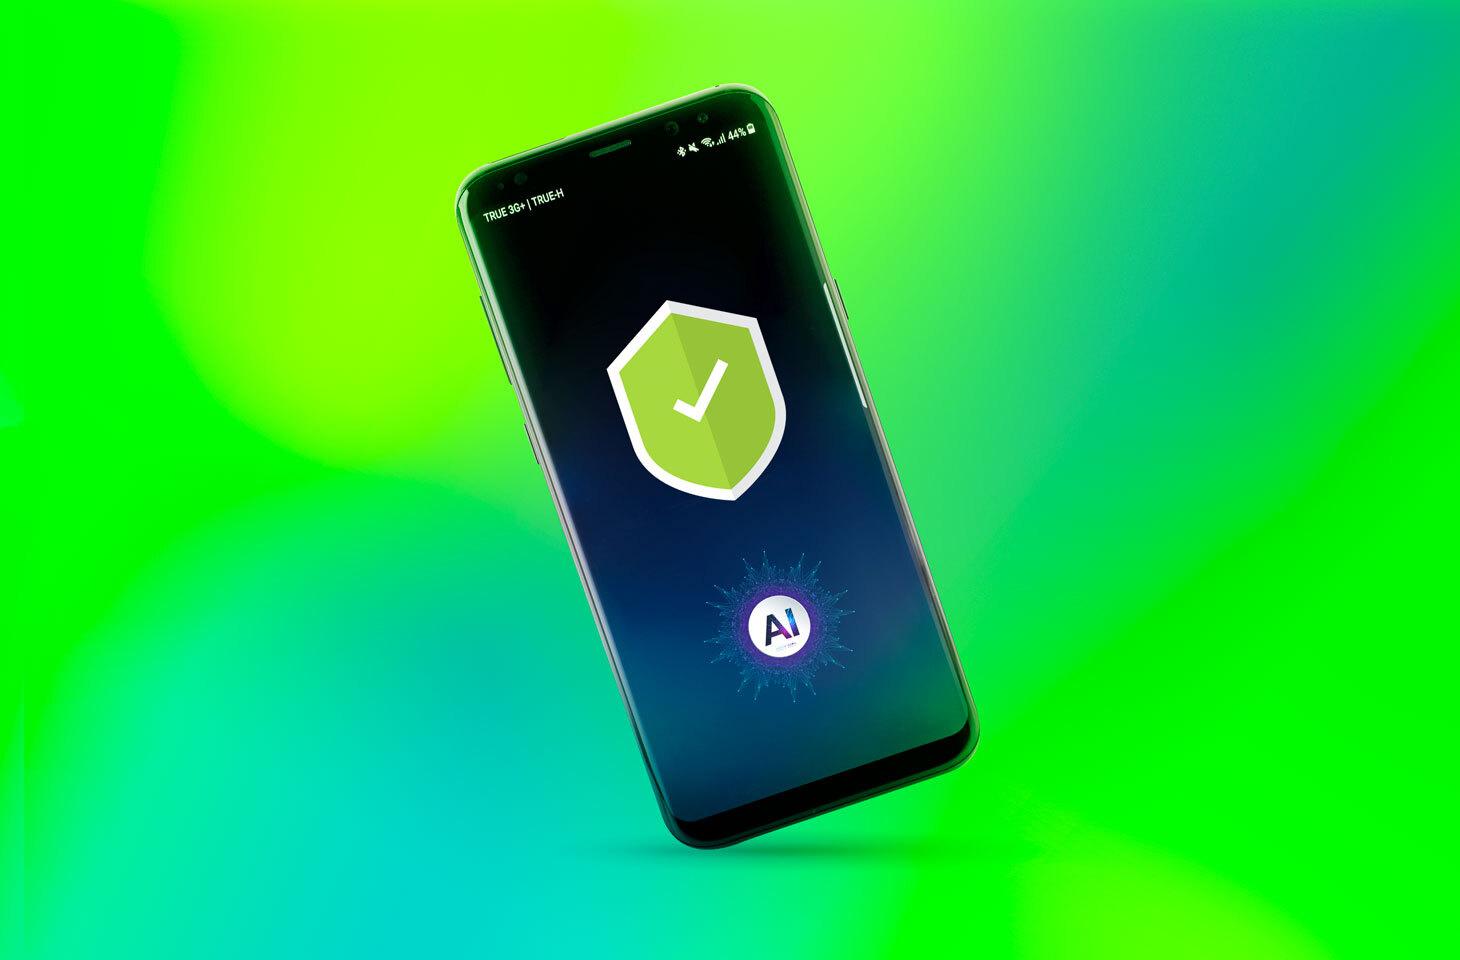 カスペルスキー インターネット セキュリティ for AndroidでAIを使用する理由   カスペルスキー公式ブログ